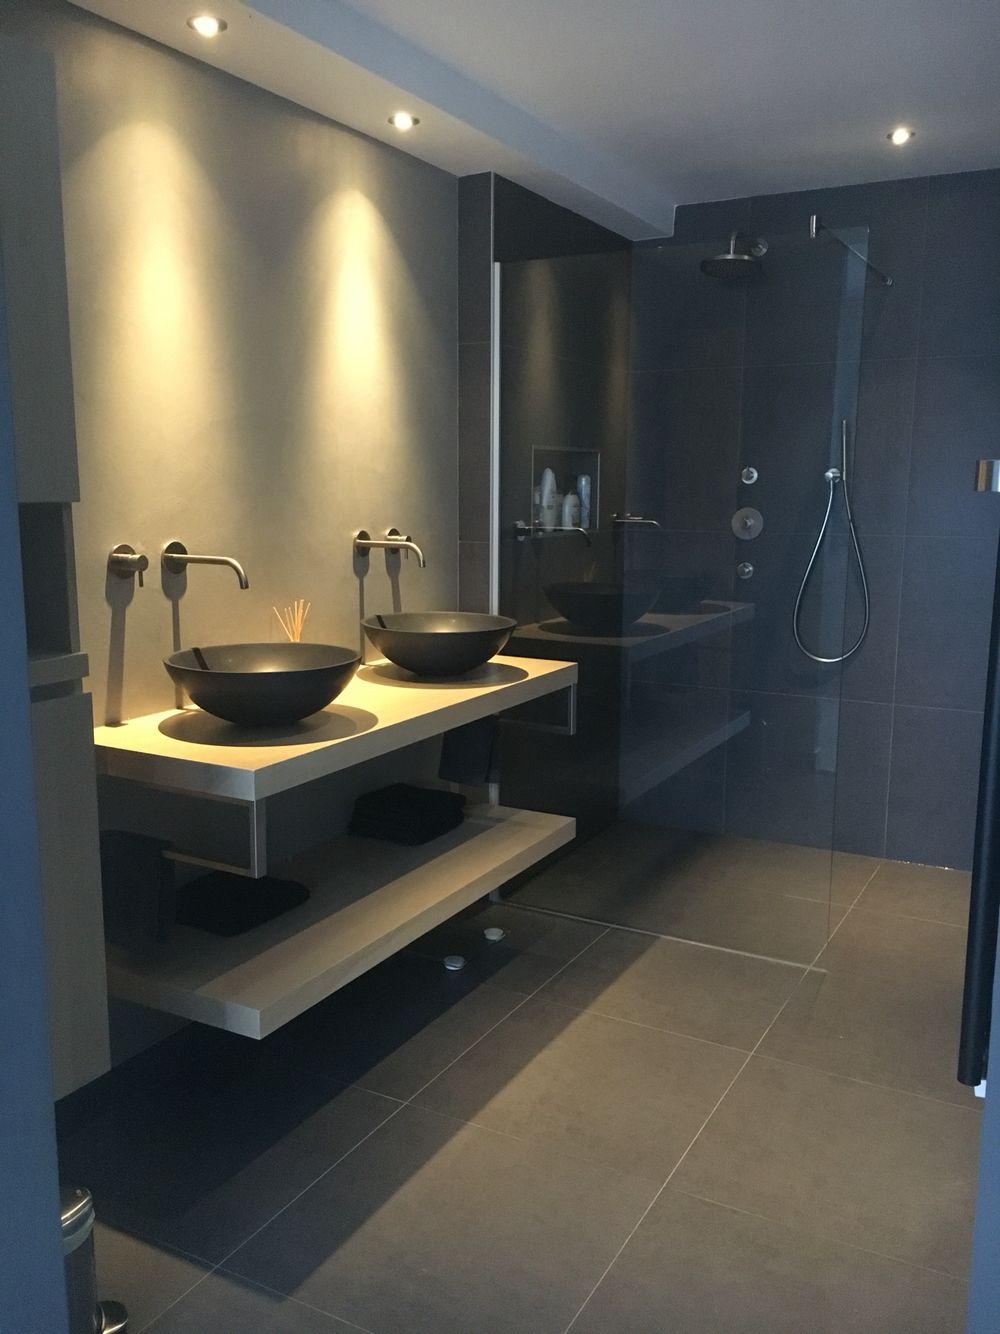 Badkamer bijna af zwarte waskommen op massieve eikenplank hotbath inbouw kranen geborsteld - Eigentijdse badkamer grijs ...